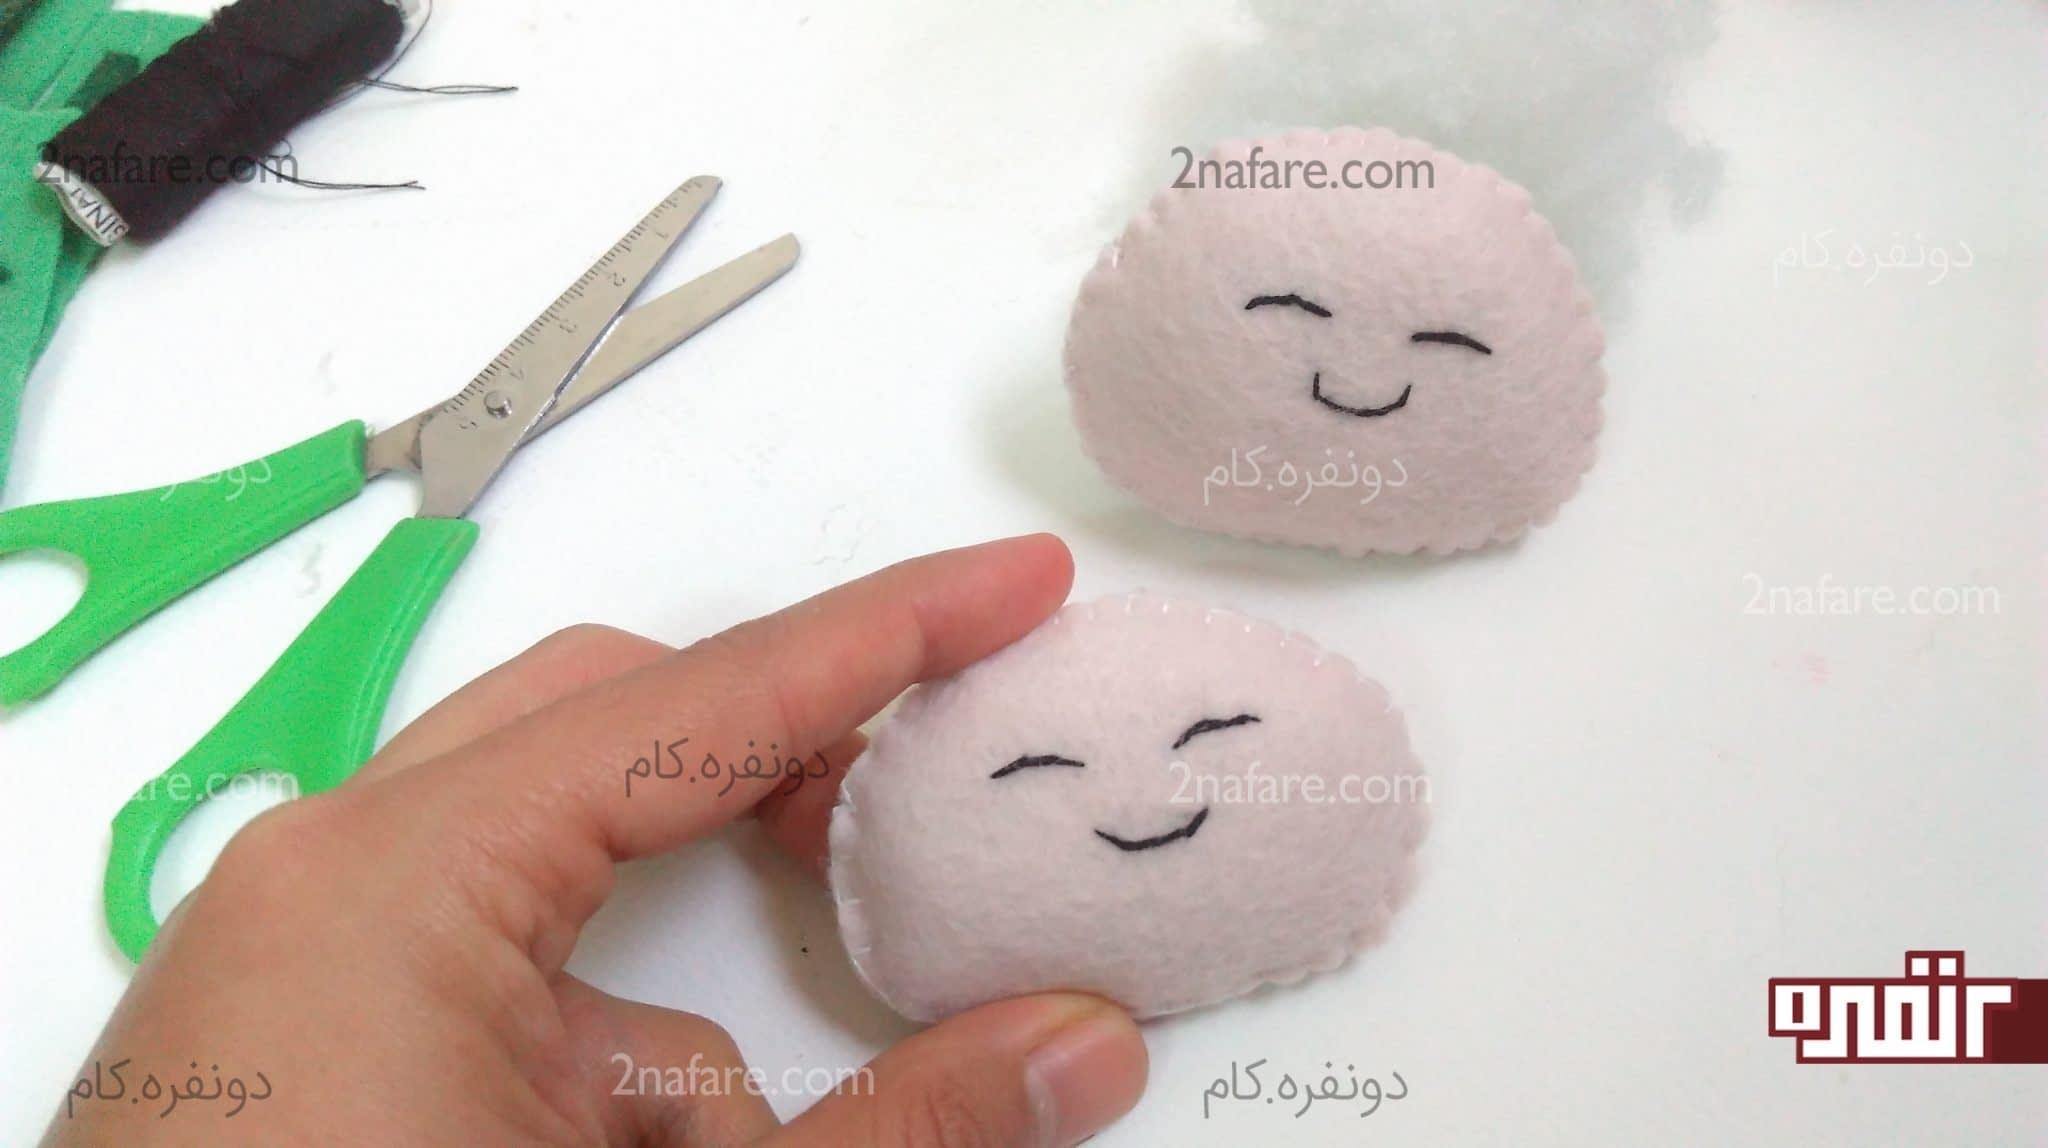 الگو دندون آموزش ساخت عروسک نمدی دختر و پسر مرحله به مرحله • دونفره